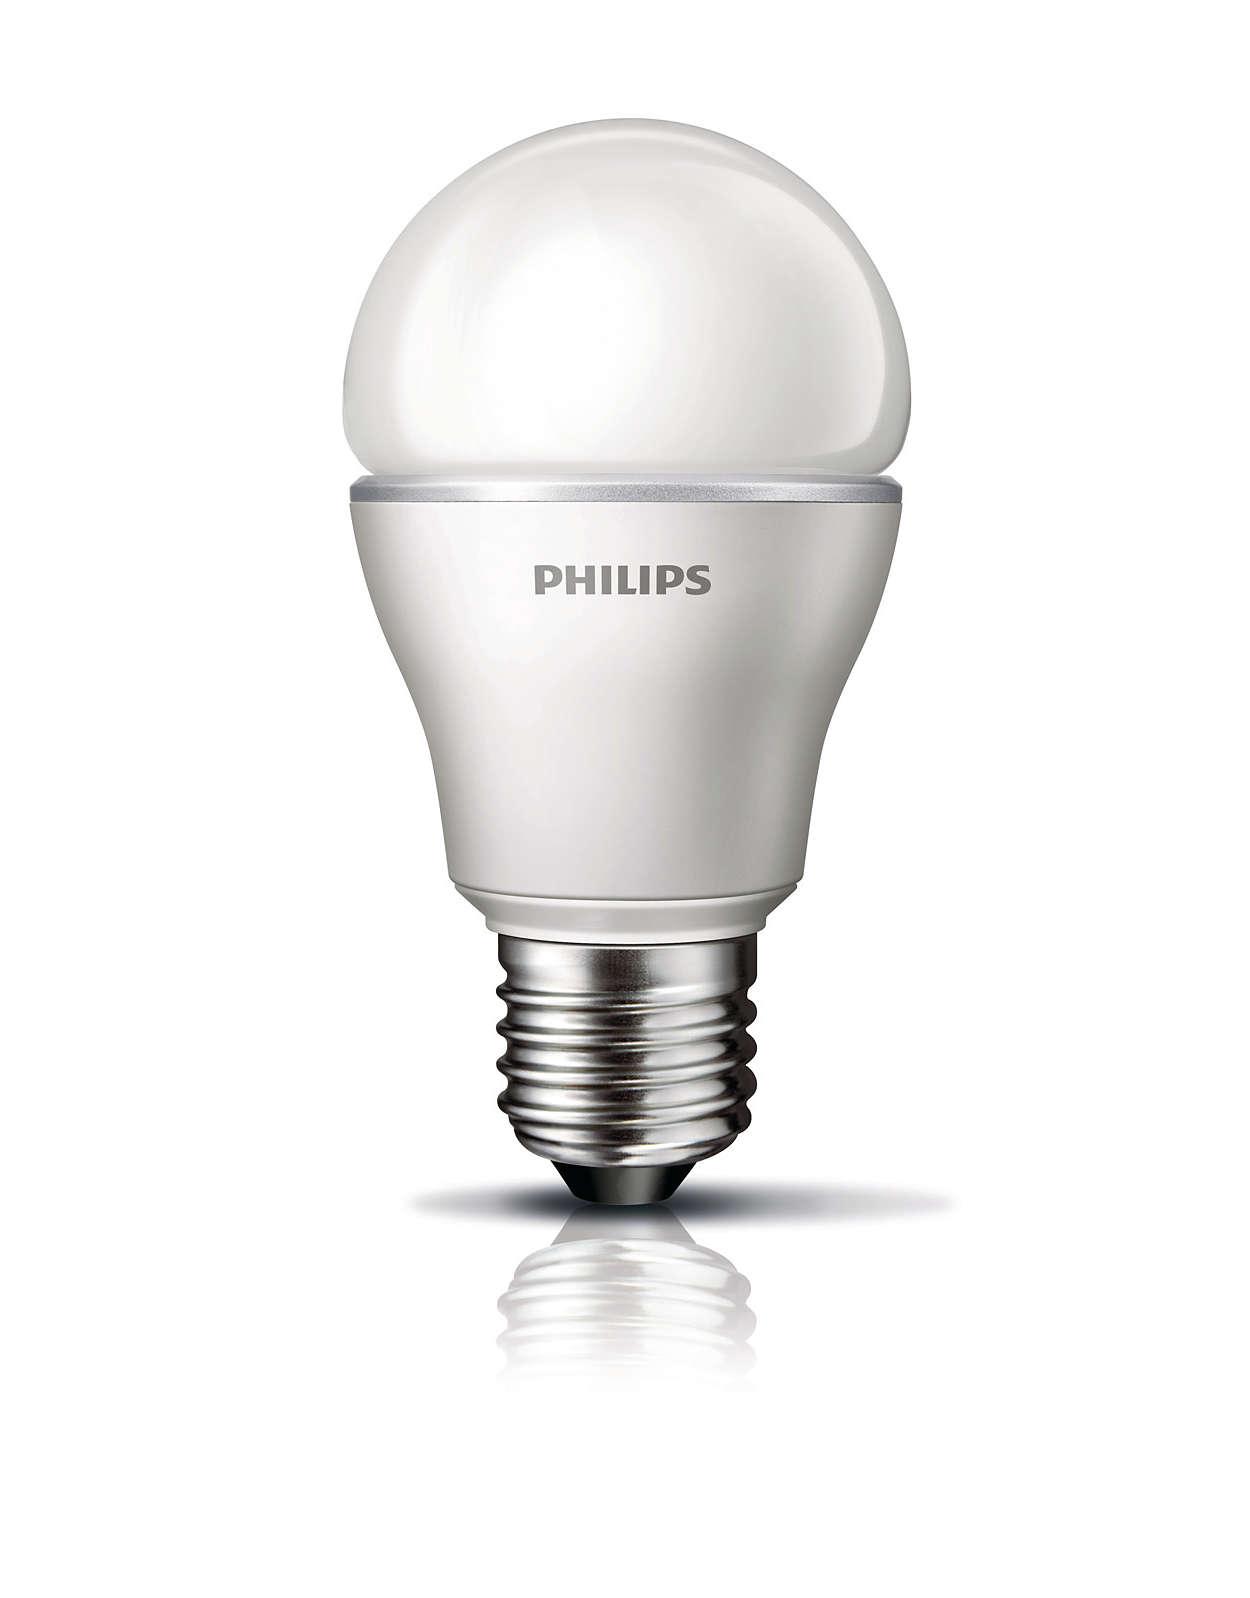 Самые высокие стандарты качества и экономии энергии